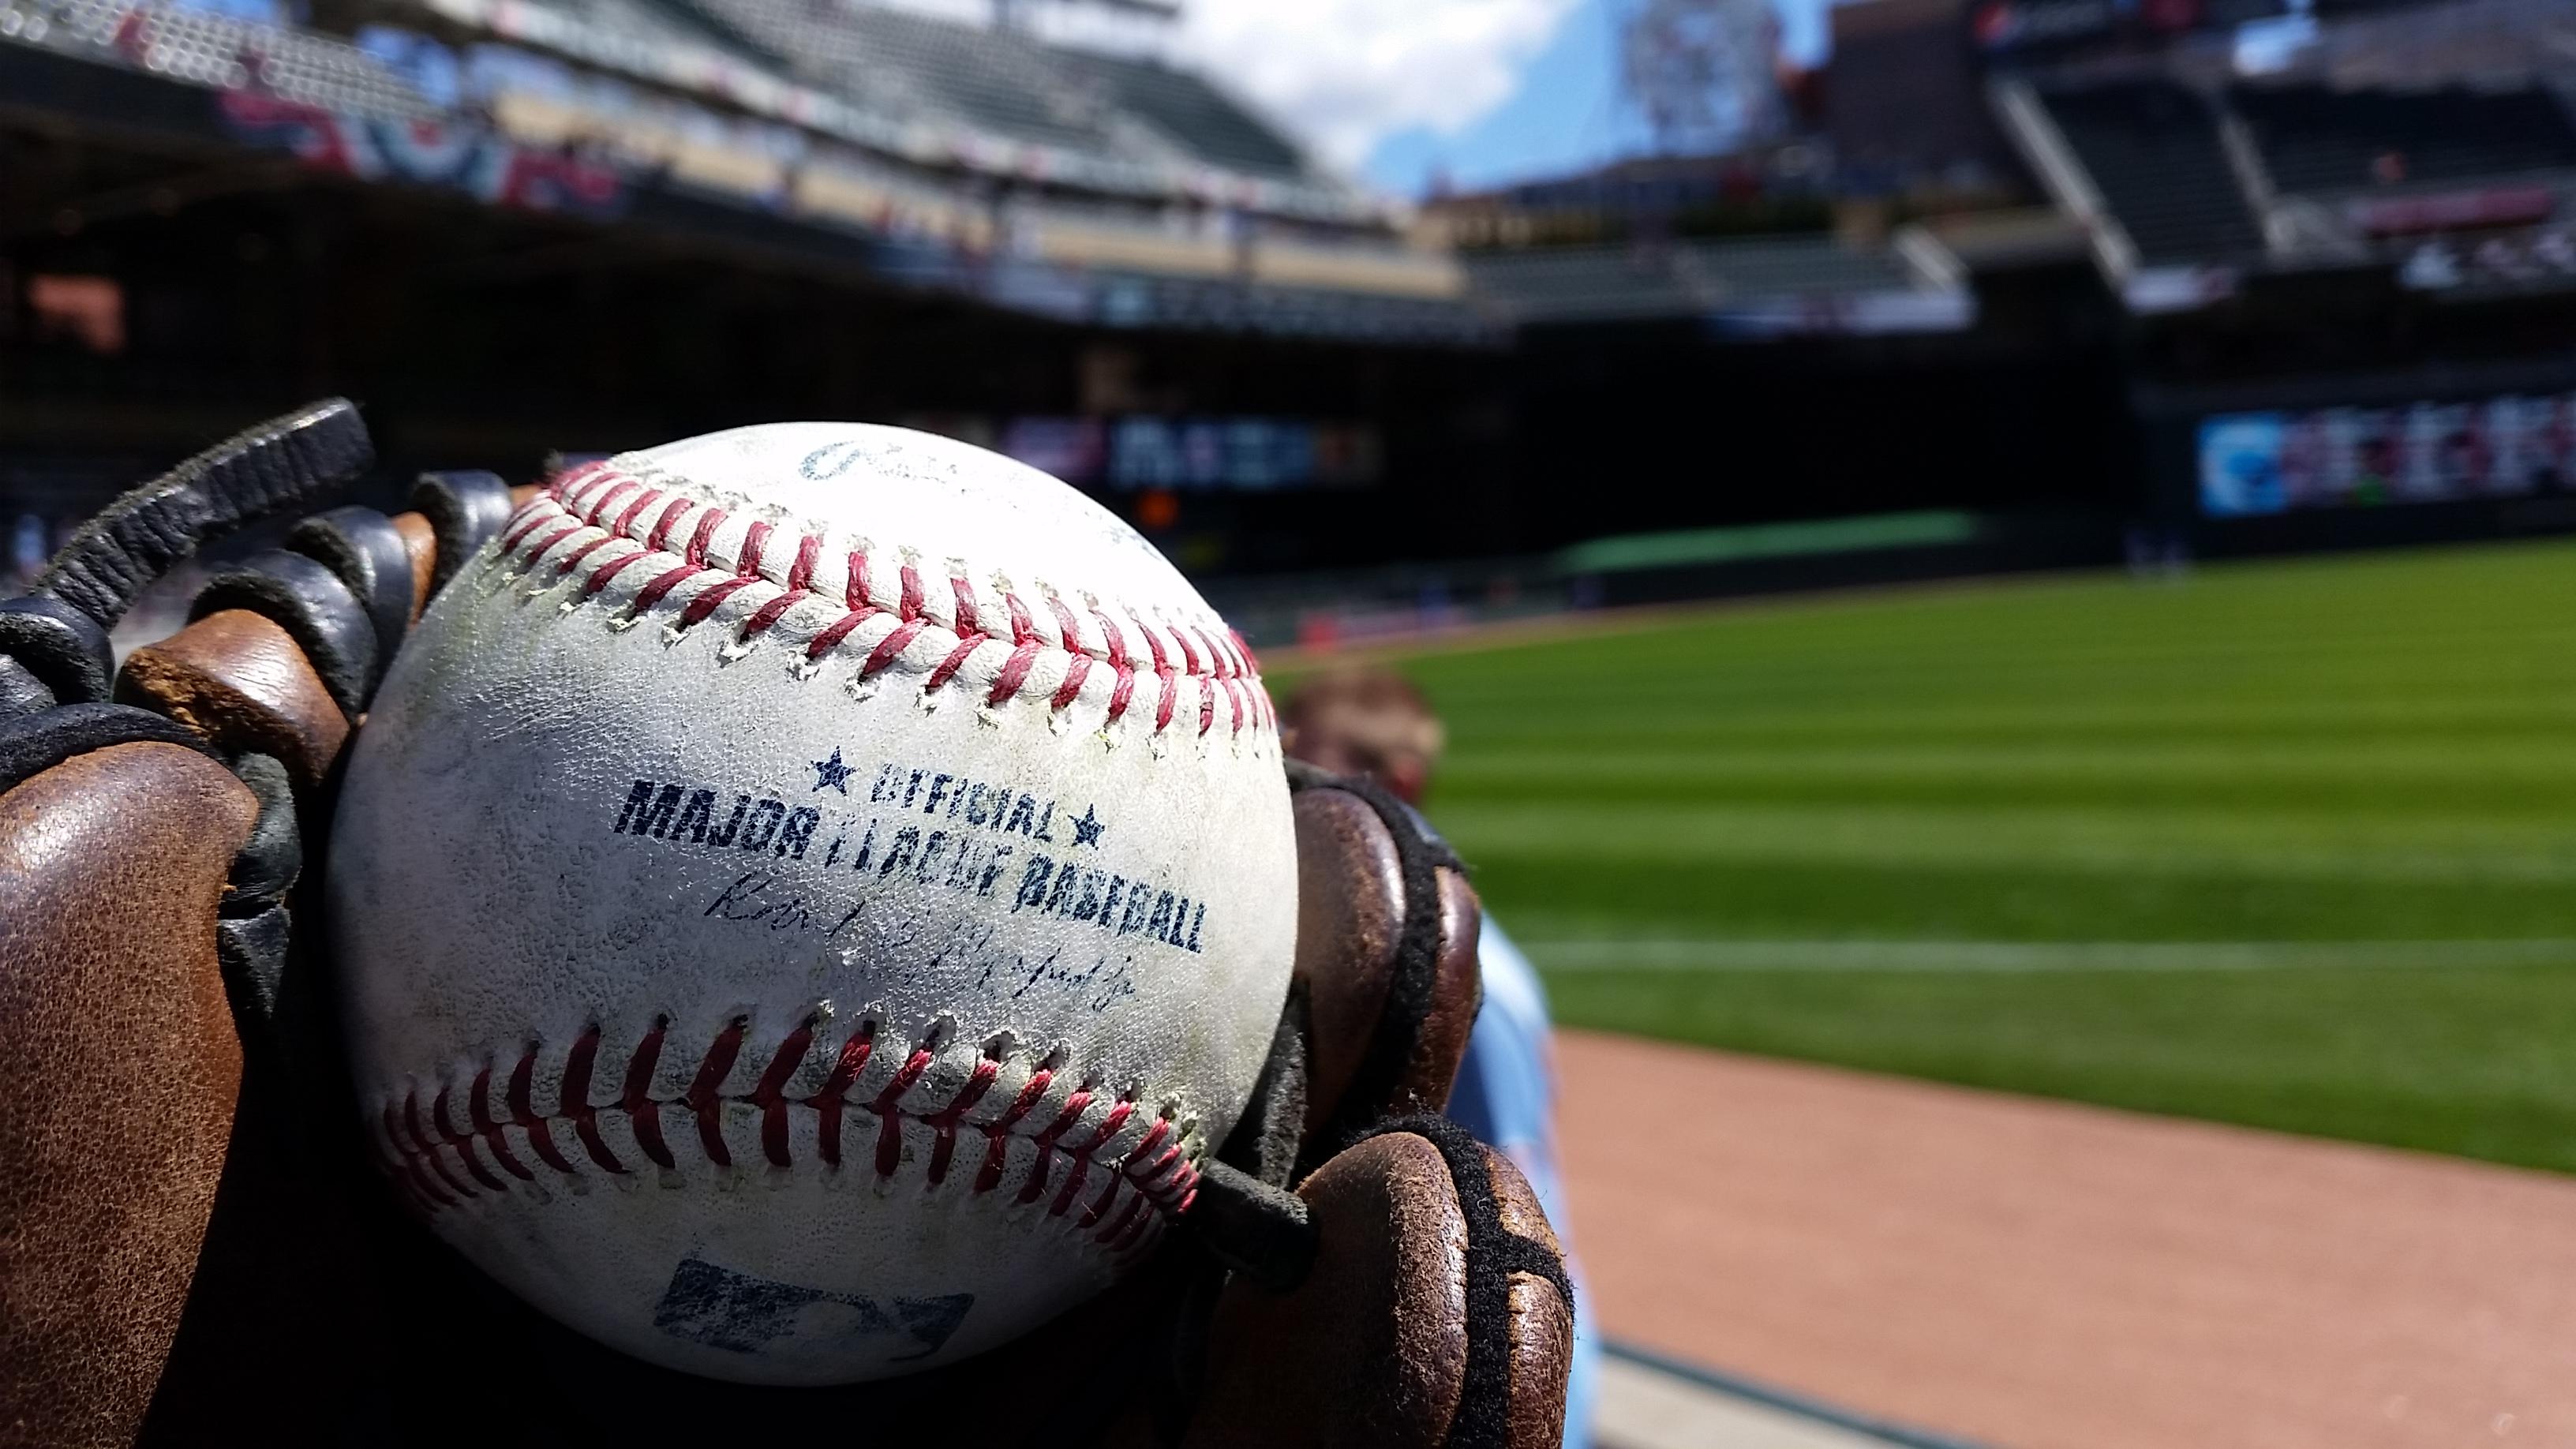 از زمین تا نقش و جایگاه بازیکنان؛ هر آنچه باید در مورد قوانین بیسبال بدانید